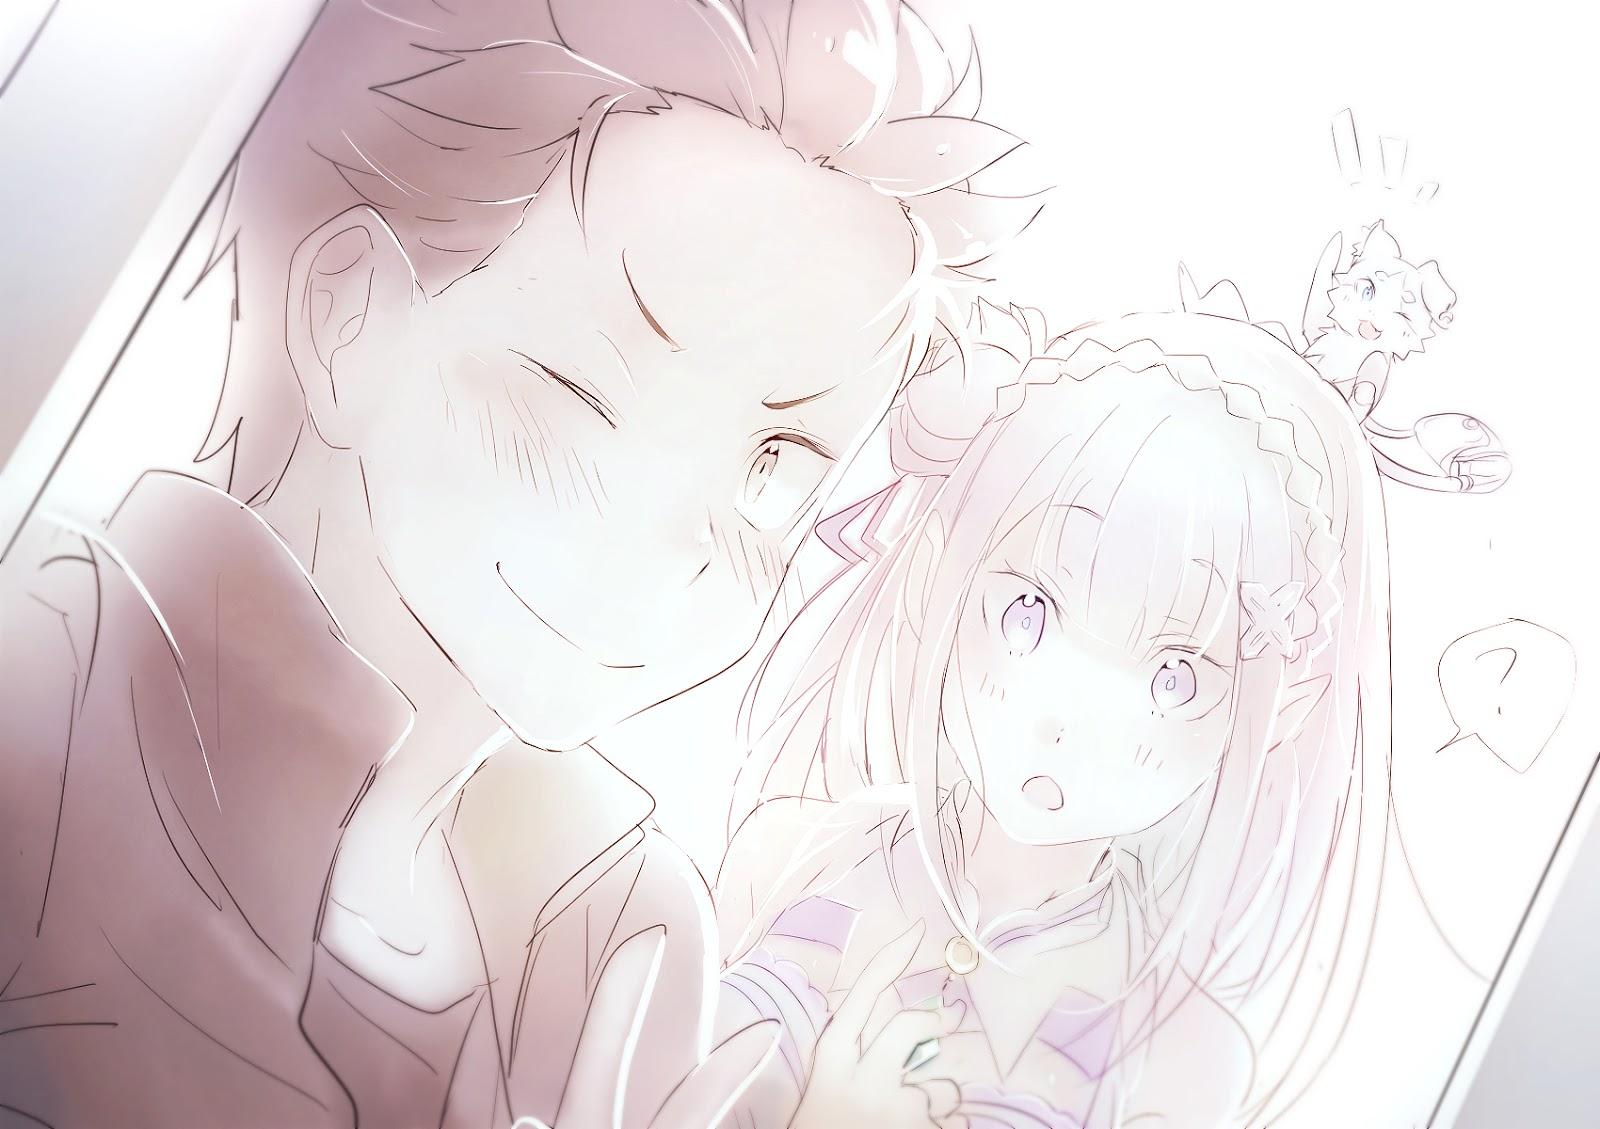 Re:Zero Kara Hajimeru Isekai Seikatsu Emilia and Rem 4